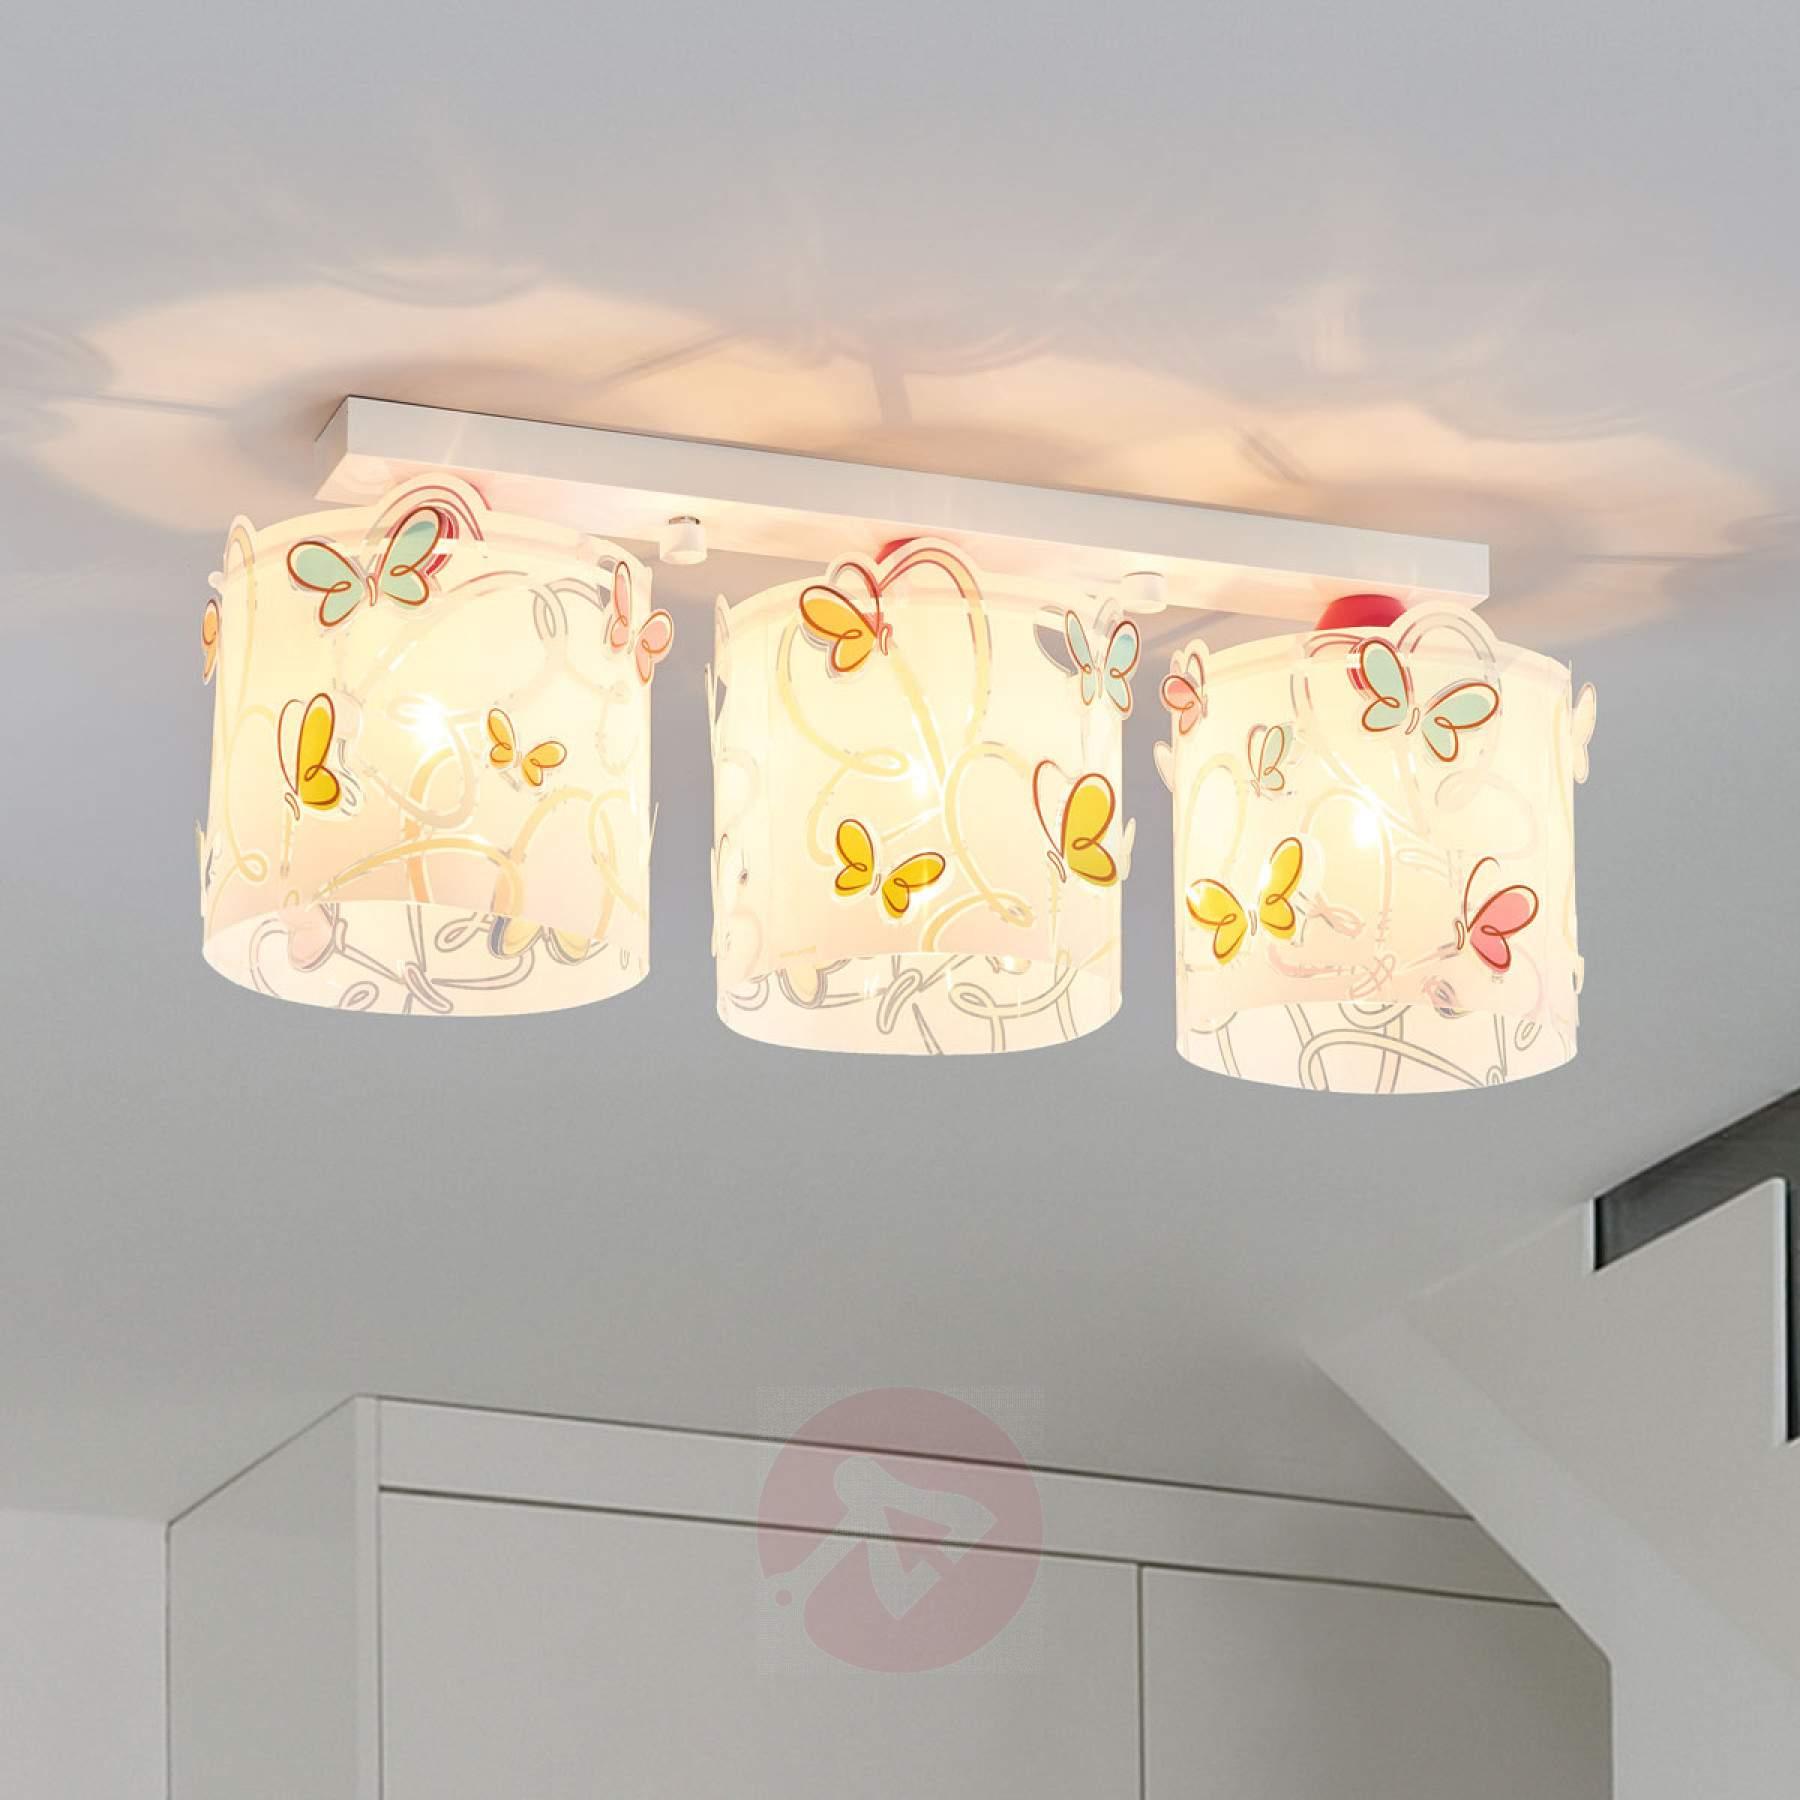 Full Size of Deckenlampe Butterfly Frs Kinderzimmer Kaufen Lampenweltde Wohnzimmer Deckenlampen Für Schlafzimmer Modern Esstisch Regal Regale Sofa Weiß Küche Bad Kinderzimmer Deckenlampe Kinderzimmer